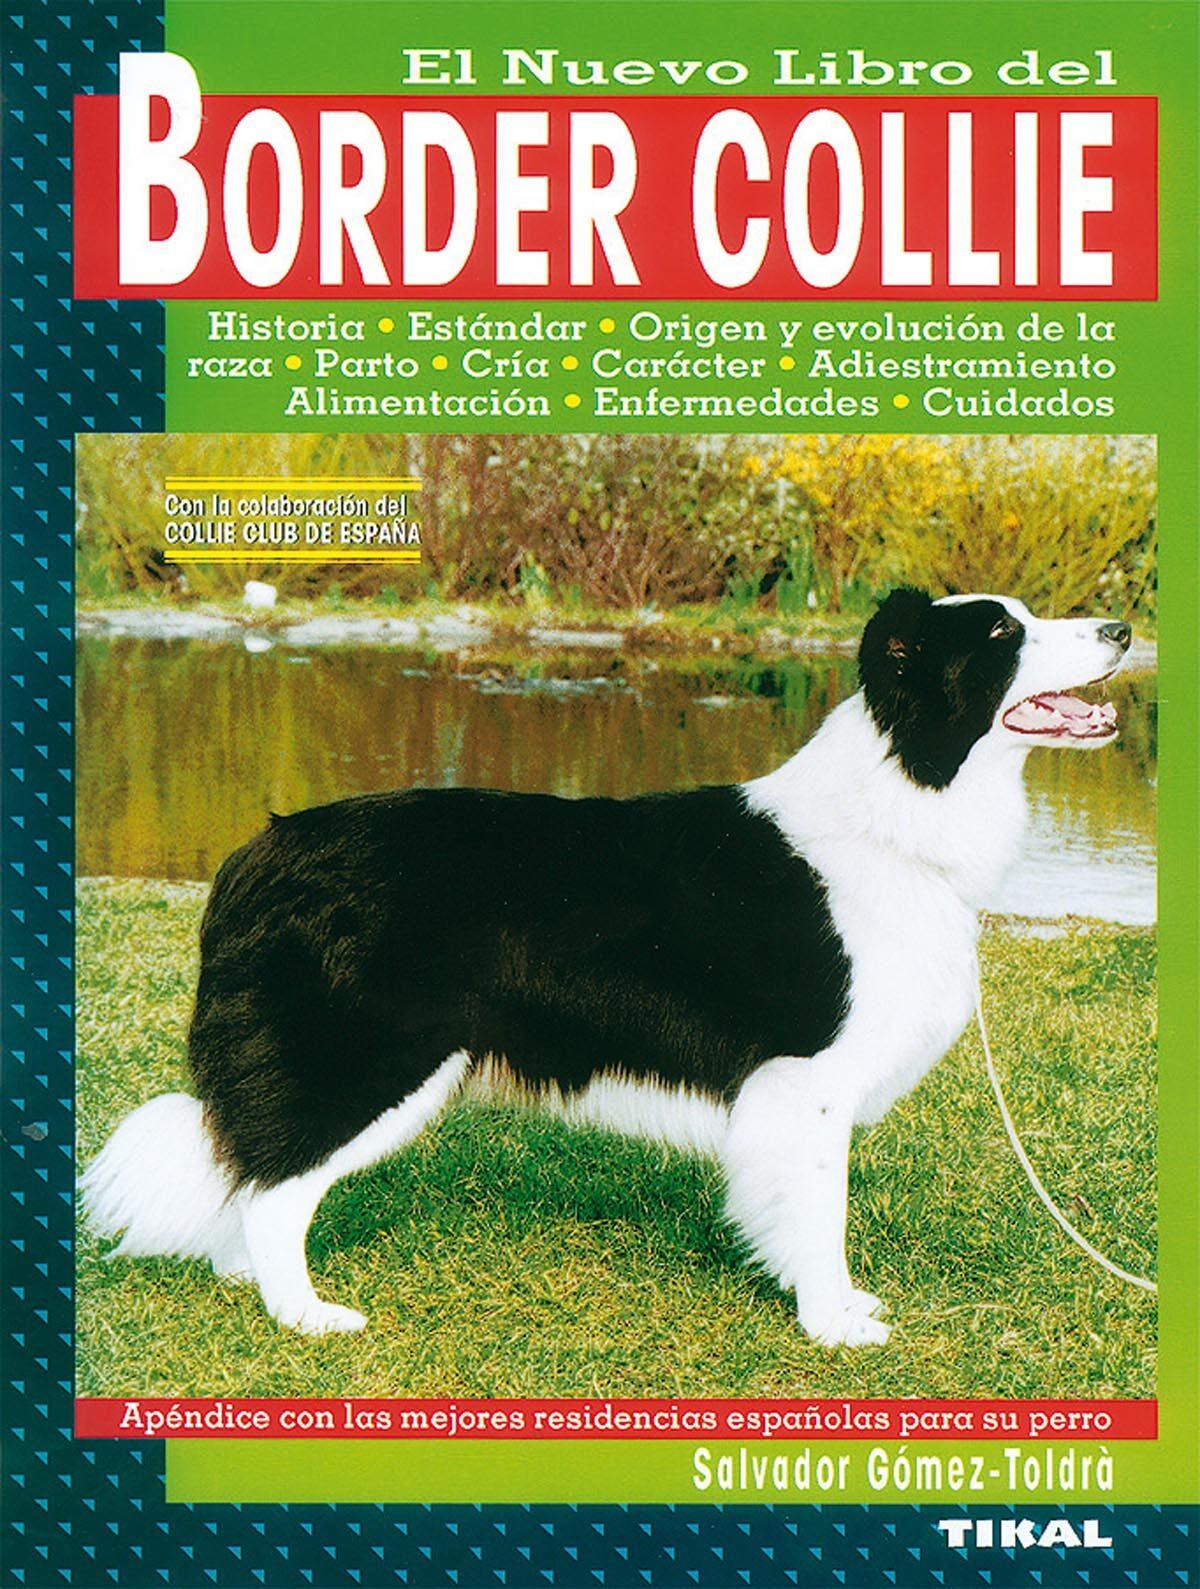 El Nuevo Libro Del Border Collie - Gomez-toldra Salvador